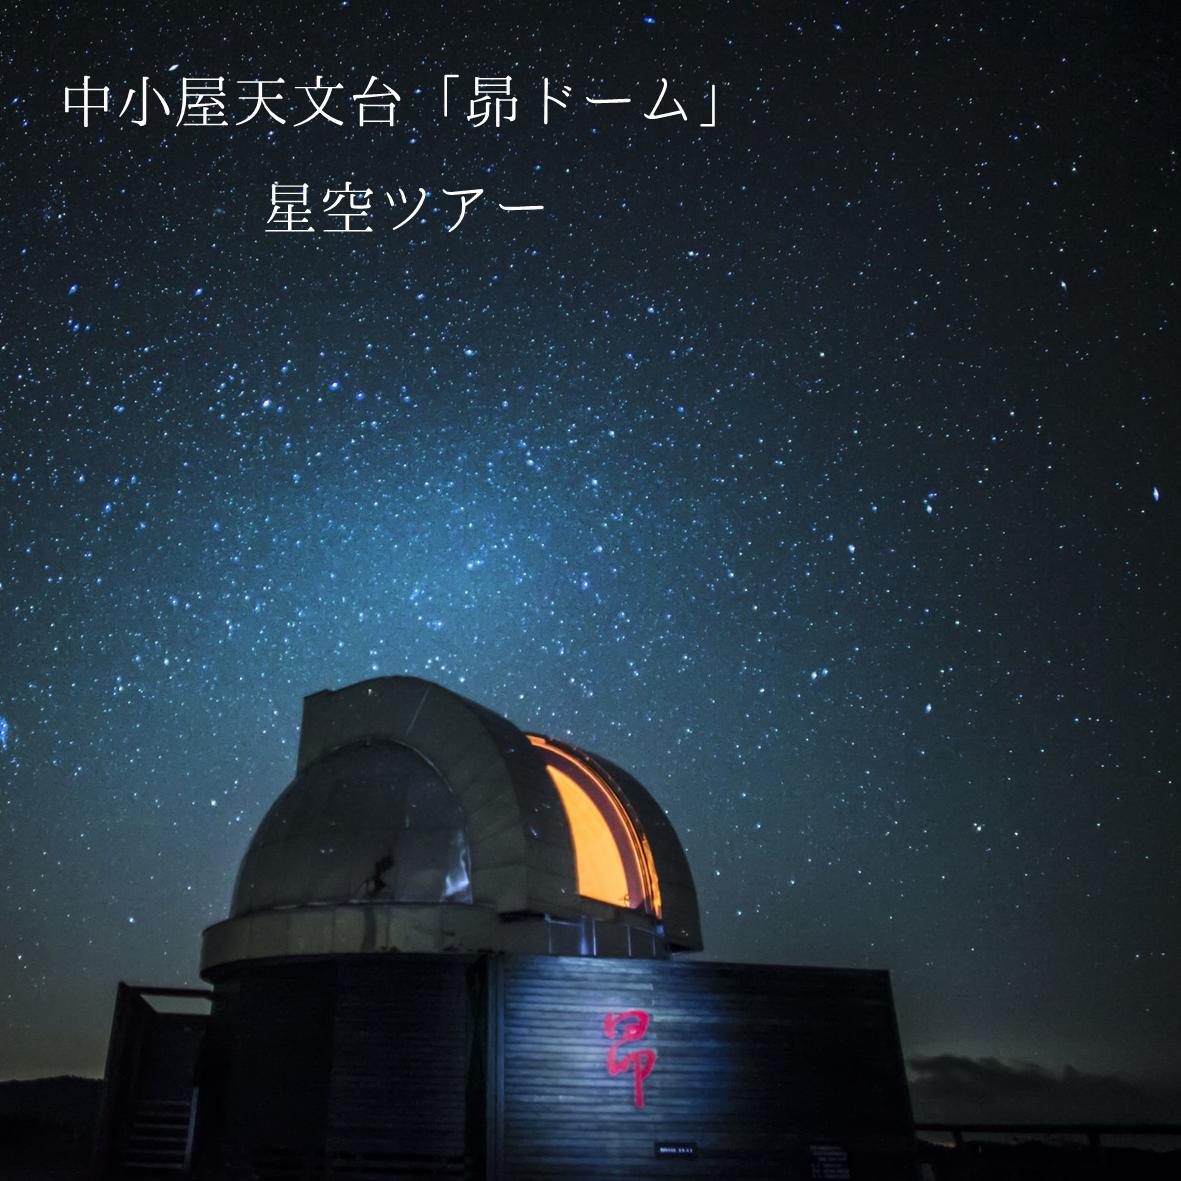 中小屋天文台「昴ドーム」星空ツアー